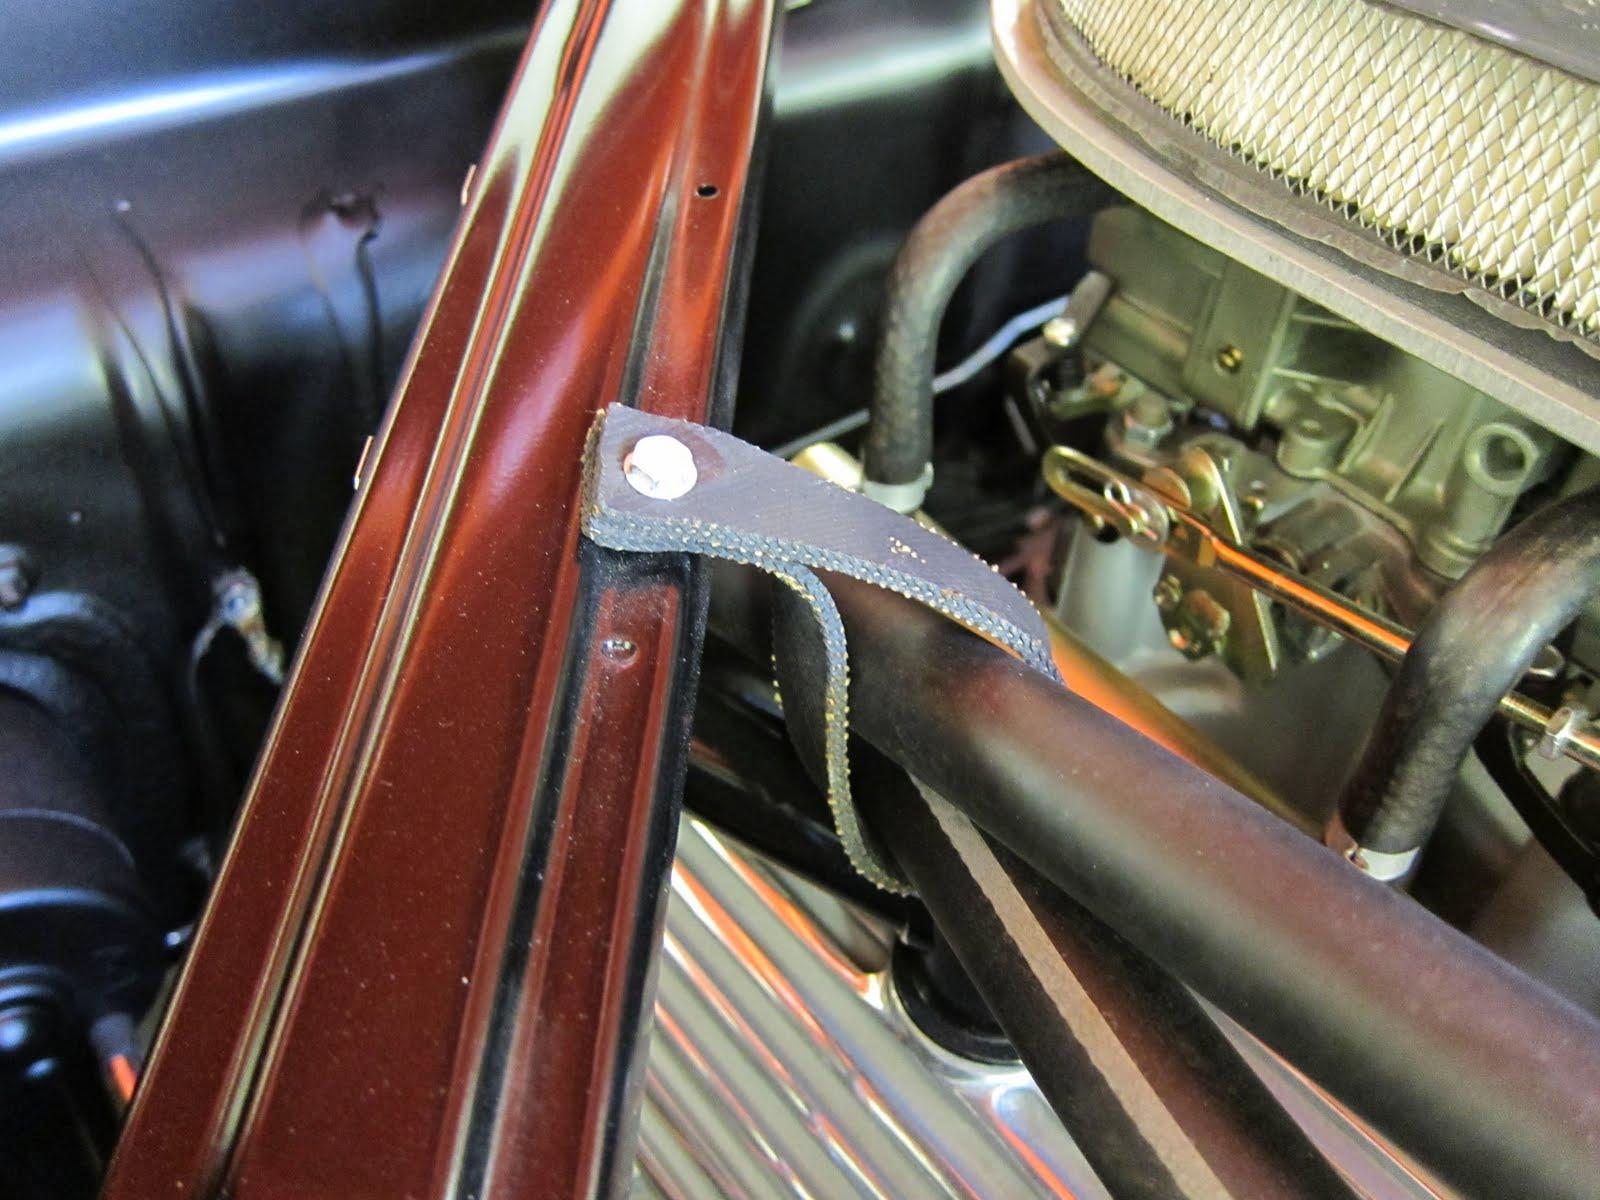 2003 ford mustang wiring diagram manual original